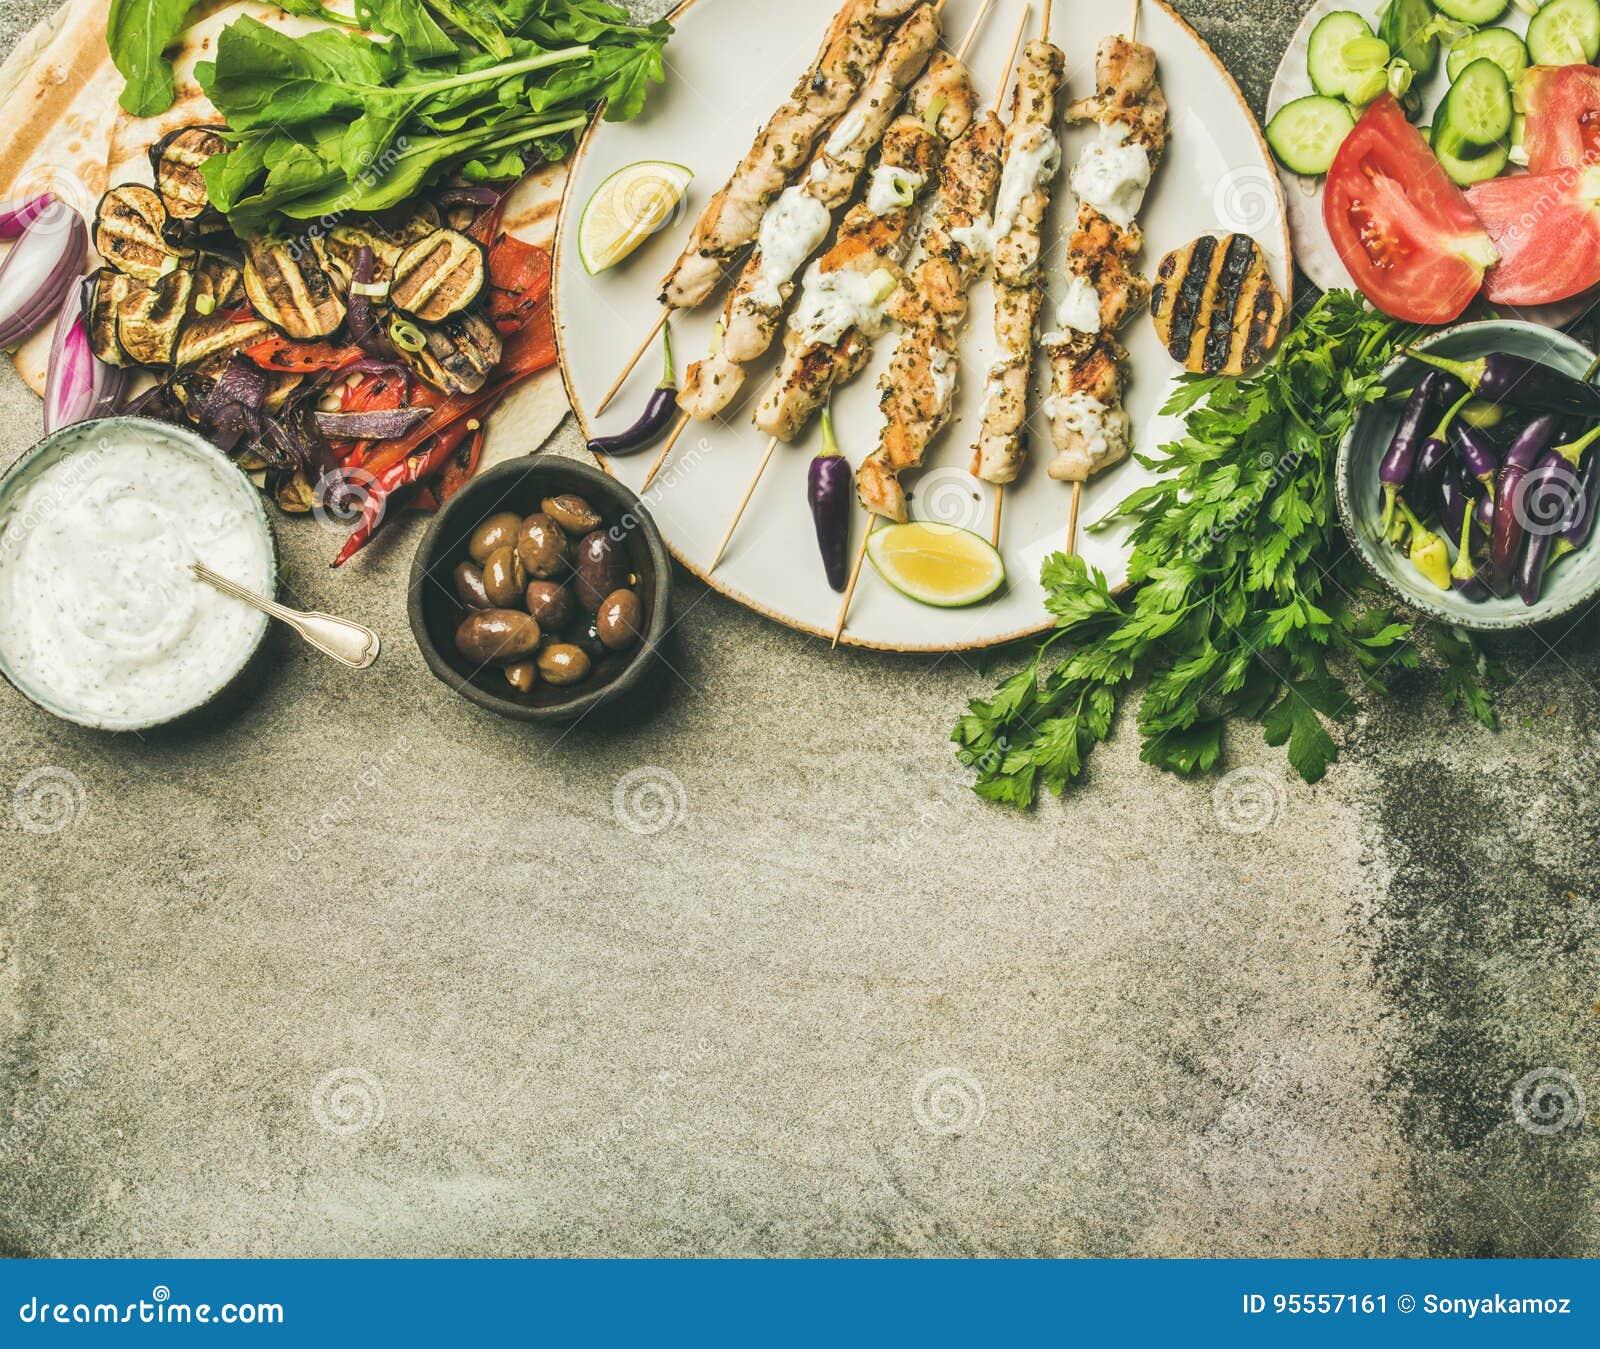 Σύνολο γευμάτων κομμάτων θερινών σχαρών, συγκεκριμένο υπόβαθρο, διάστημα αντιγράφων